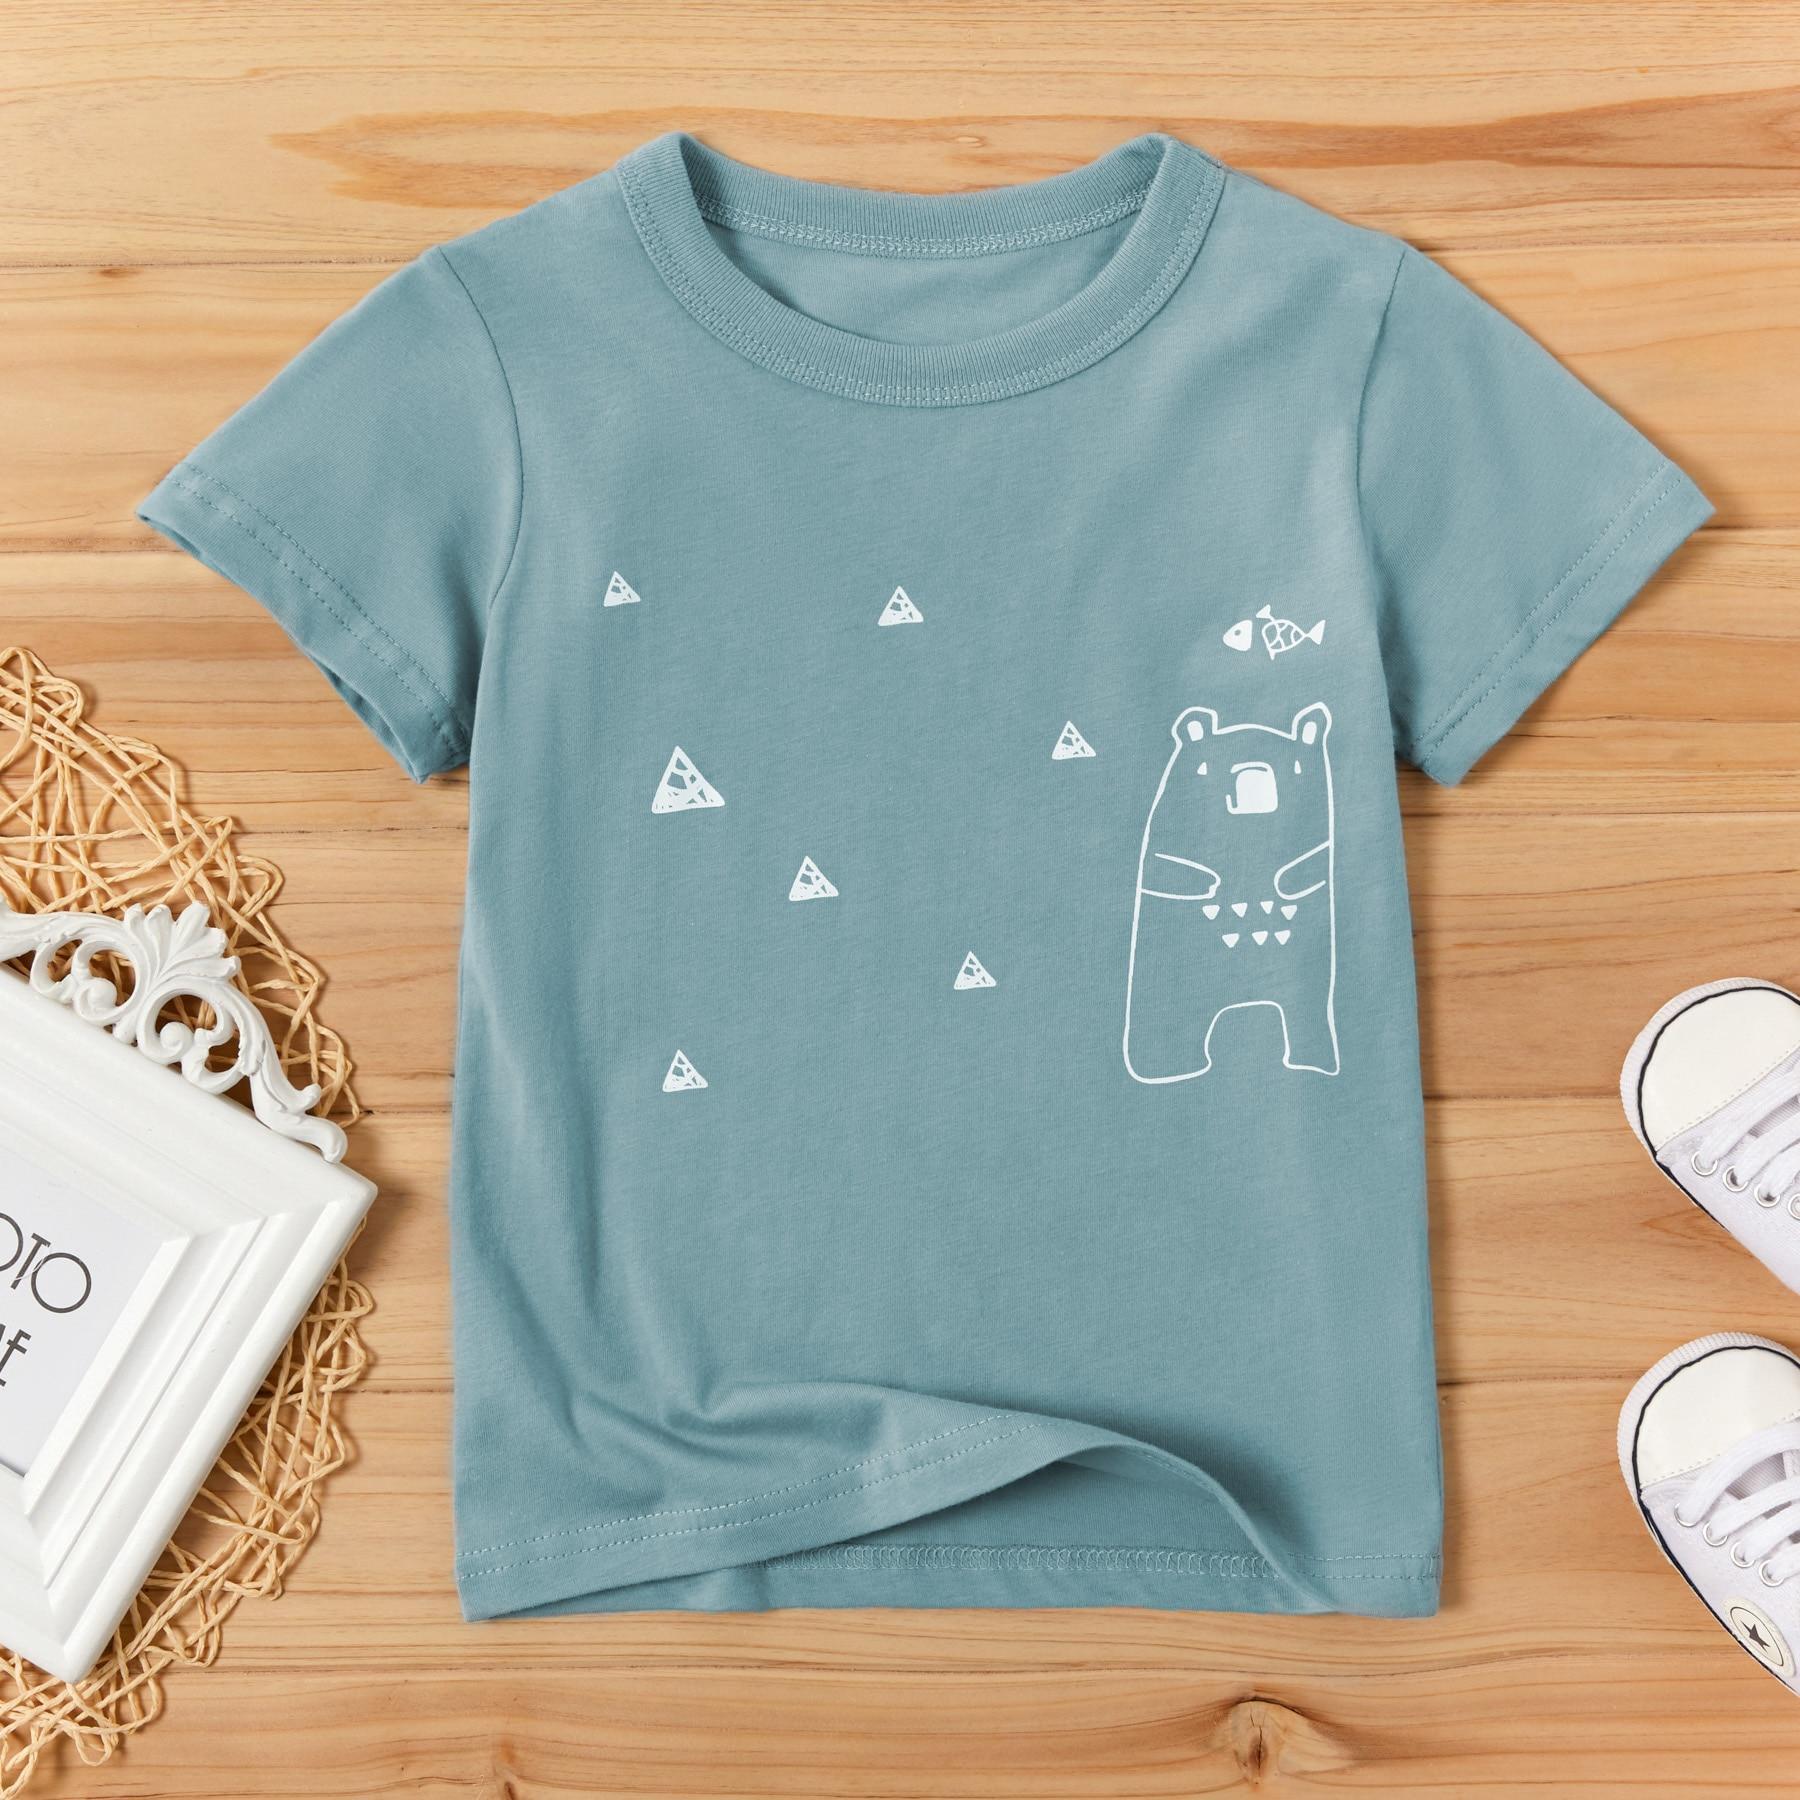 PatPat/Новая летняя футболка для маленьких мальчиков 2020, очаровательные медвежьи футболки с круглым воротником и короткими рукавами для маленьких мальчиков, детская одежда|Футболки| | АлиЭкспресс